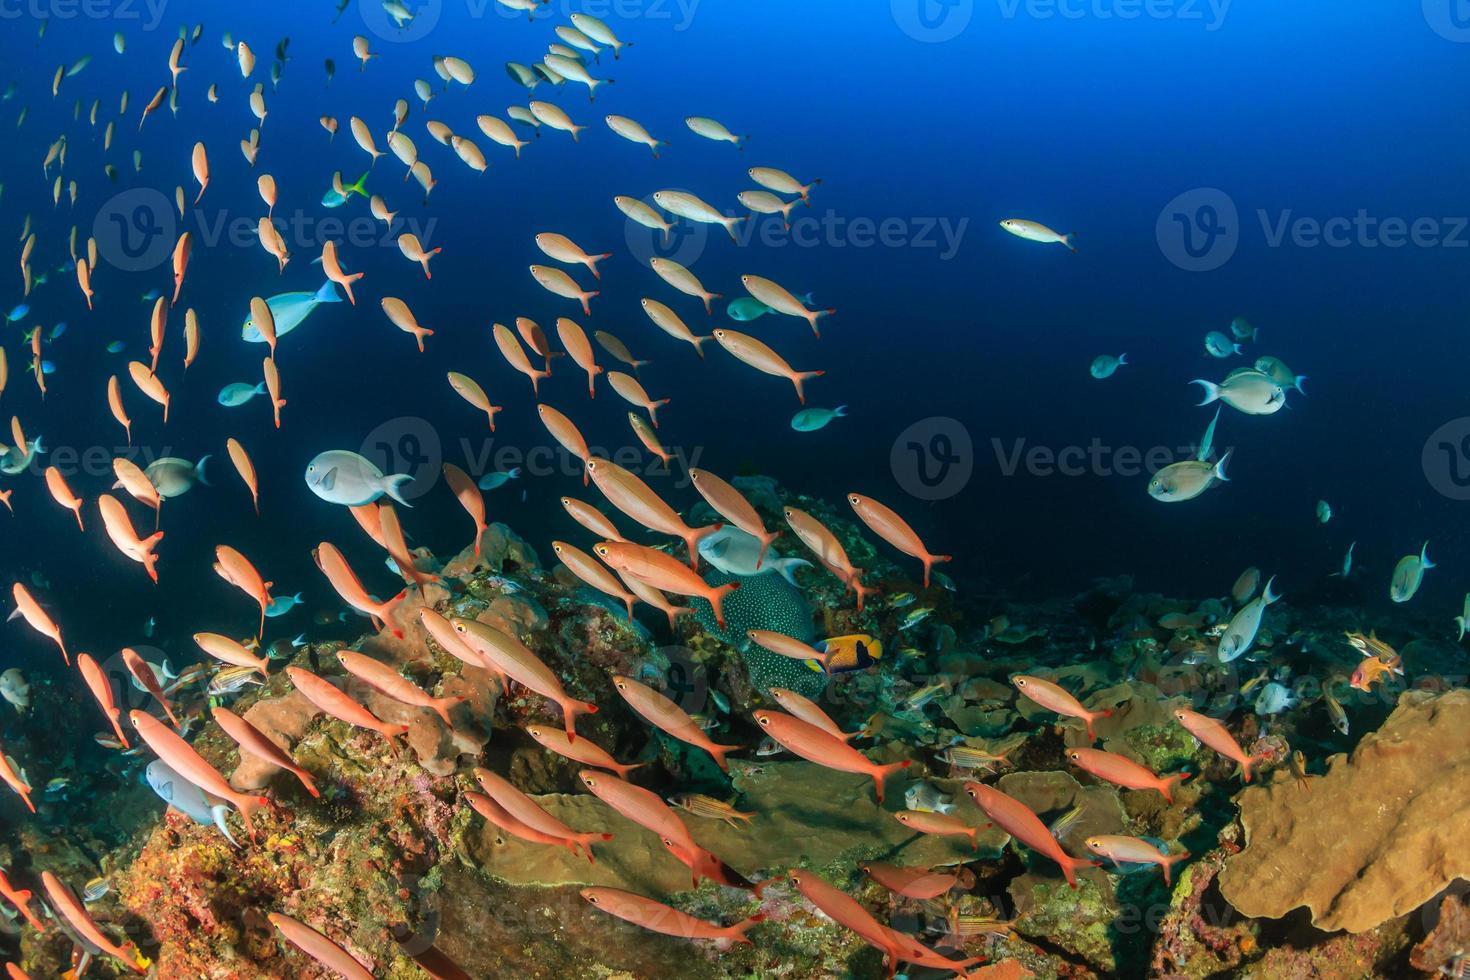 branchi di pesci tropicali intorno a un pinnacolo di corallo di acque profonde foto